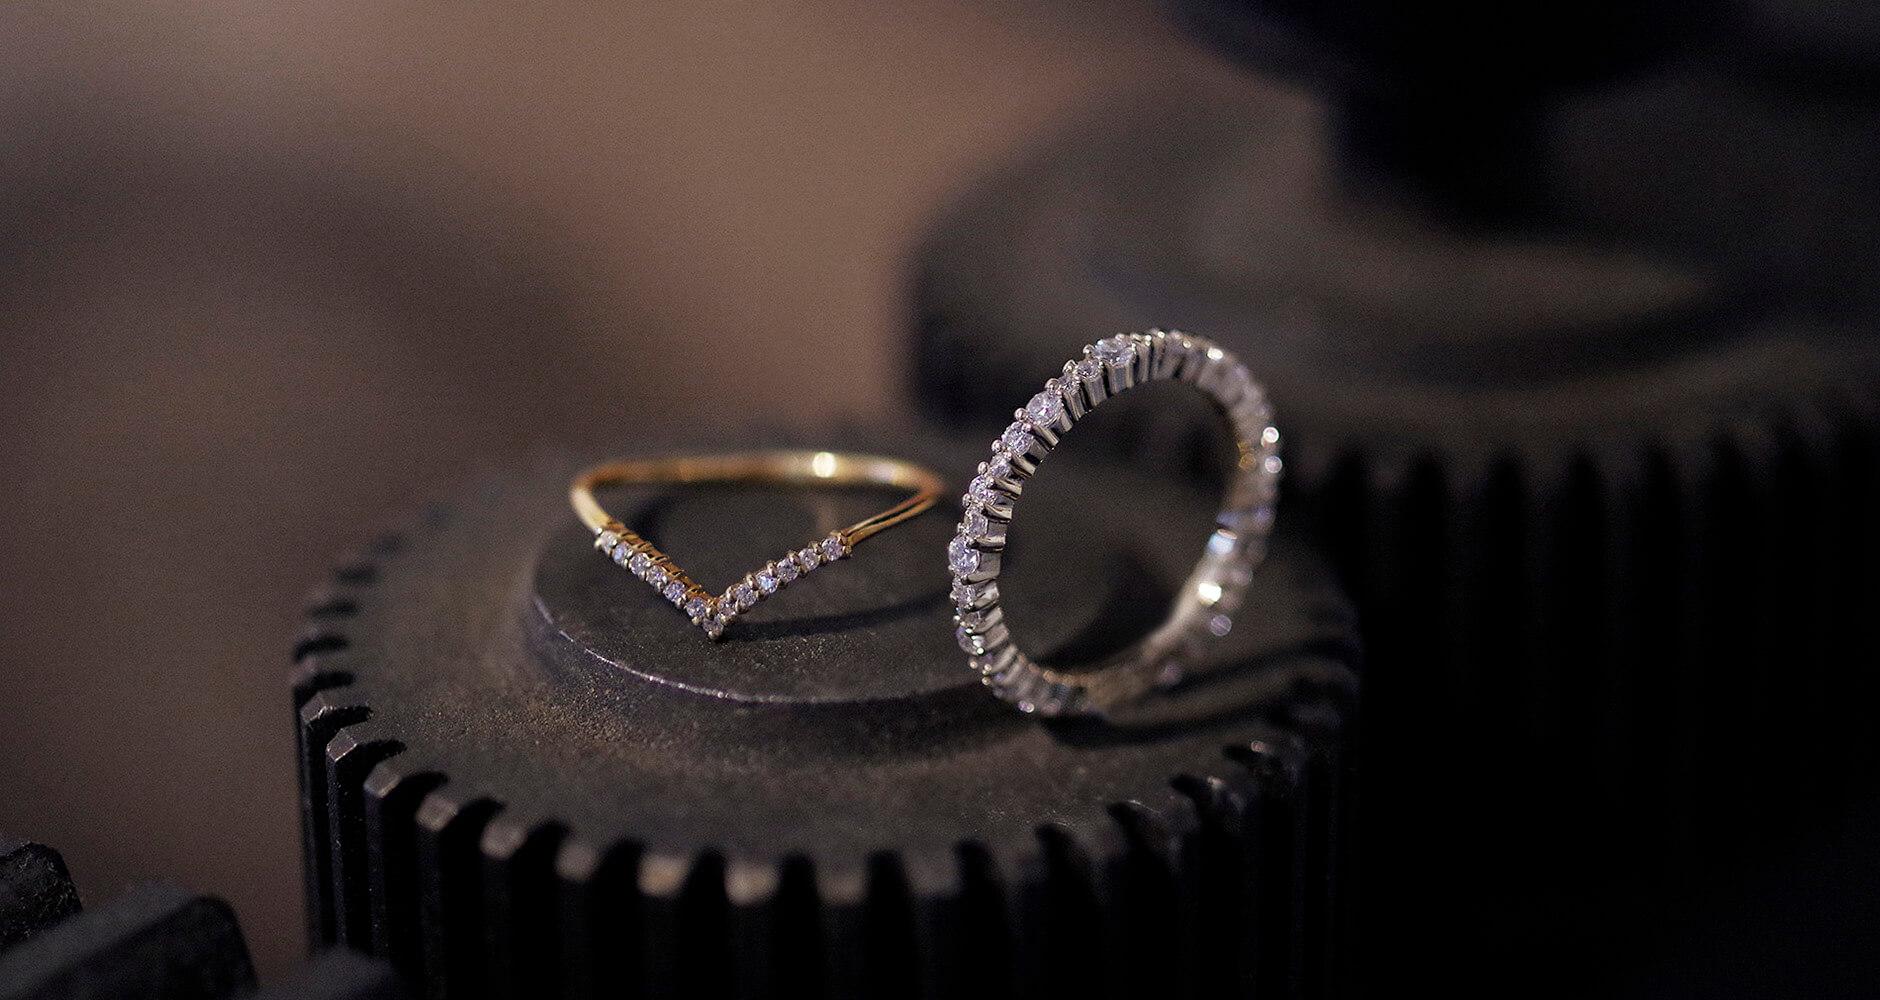 鉄の歯車と細身のダイヤの指輪